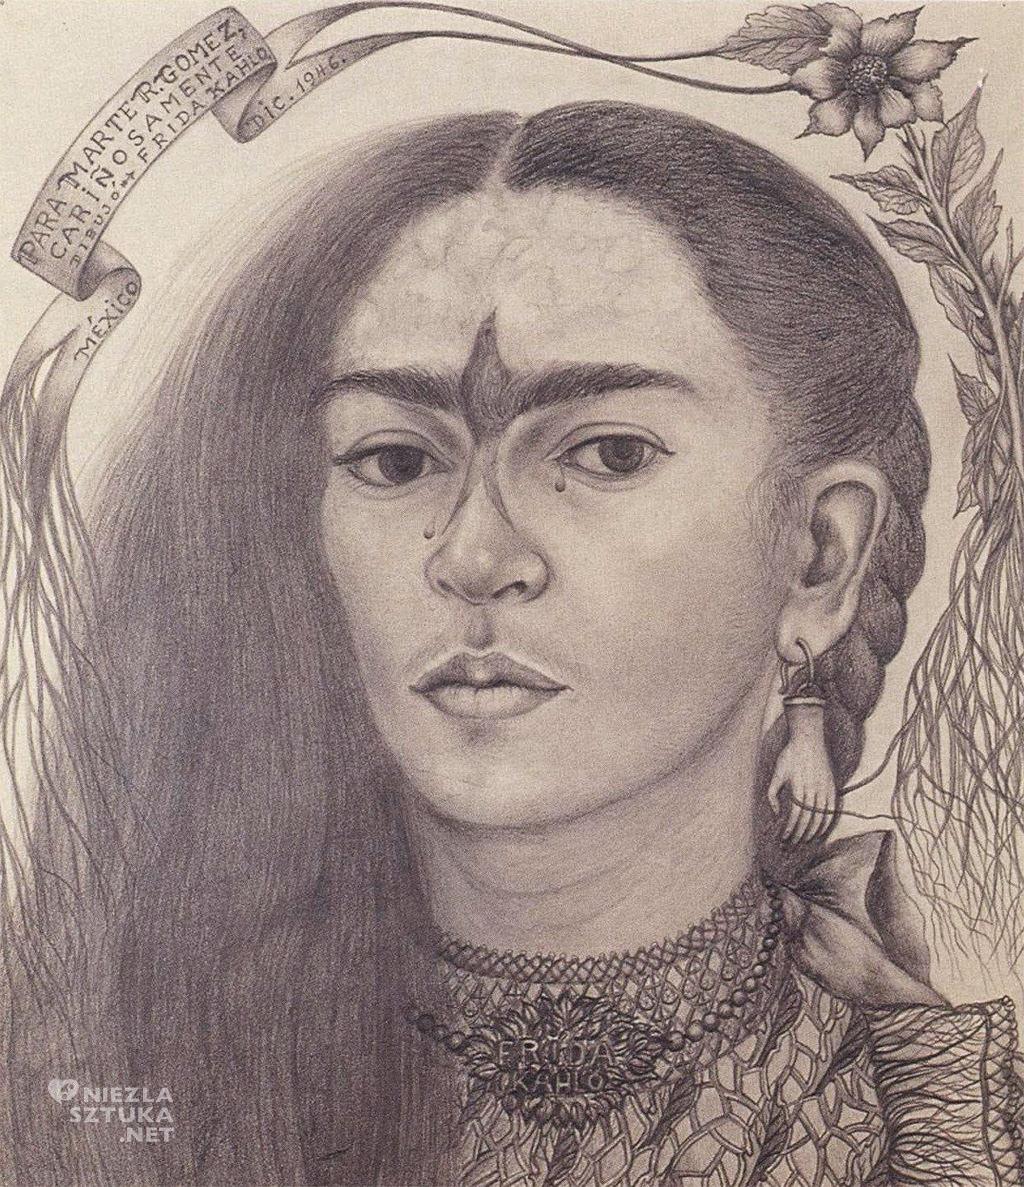 Frida Kahlo, Autoportret, rysunek, Niezła Sztuka